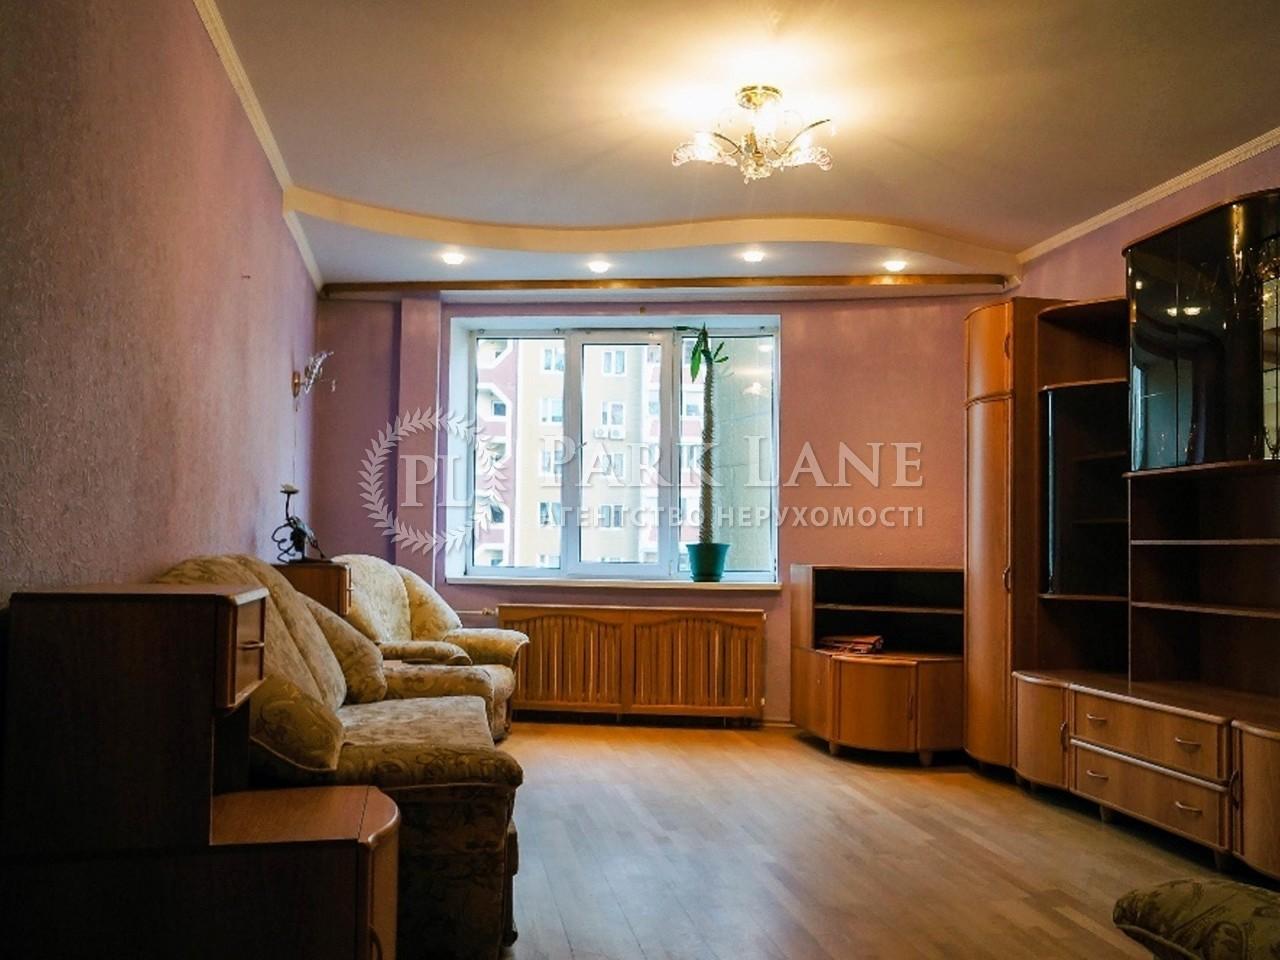 Квартира вул. Ахматової Анни, 45, Київ, R-19043 - Фото 2